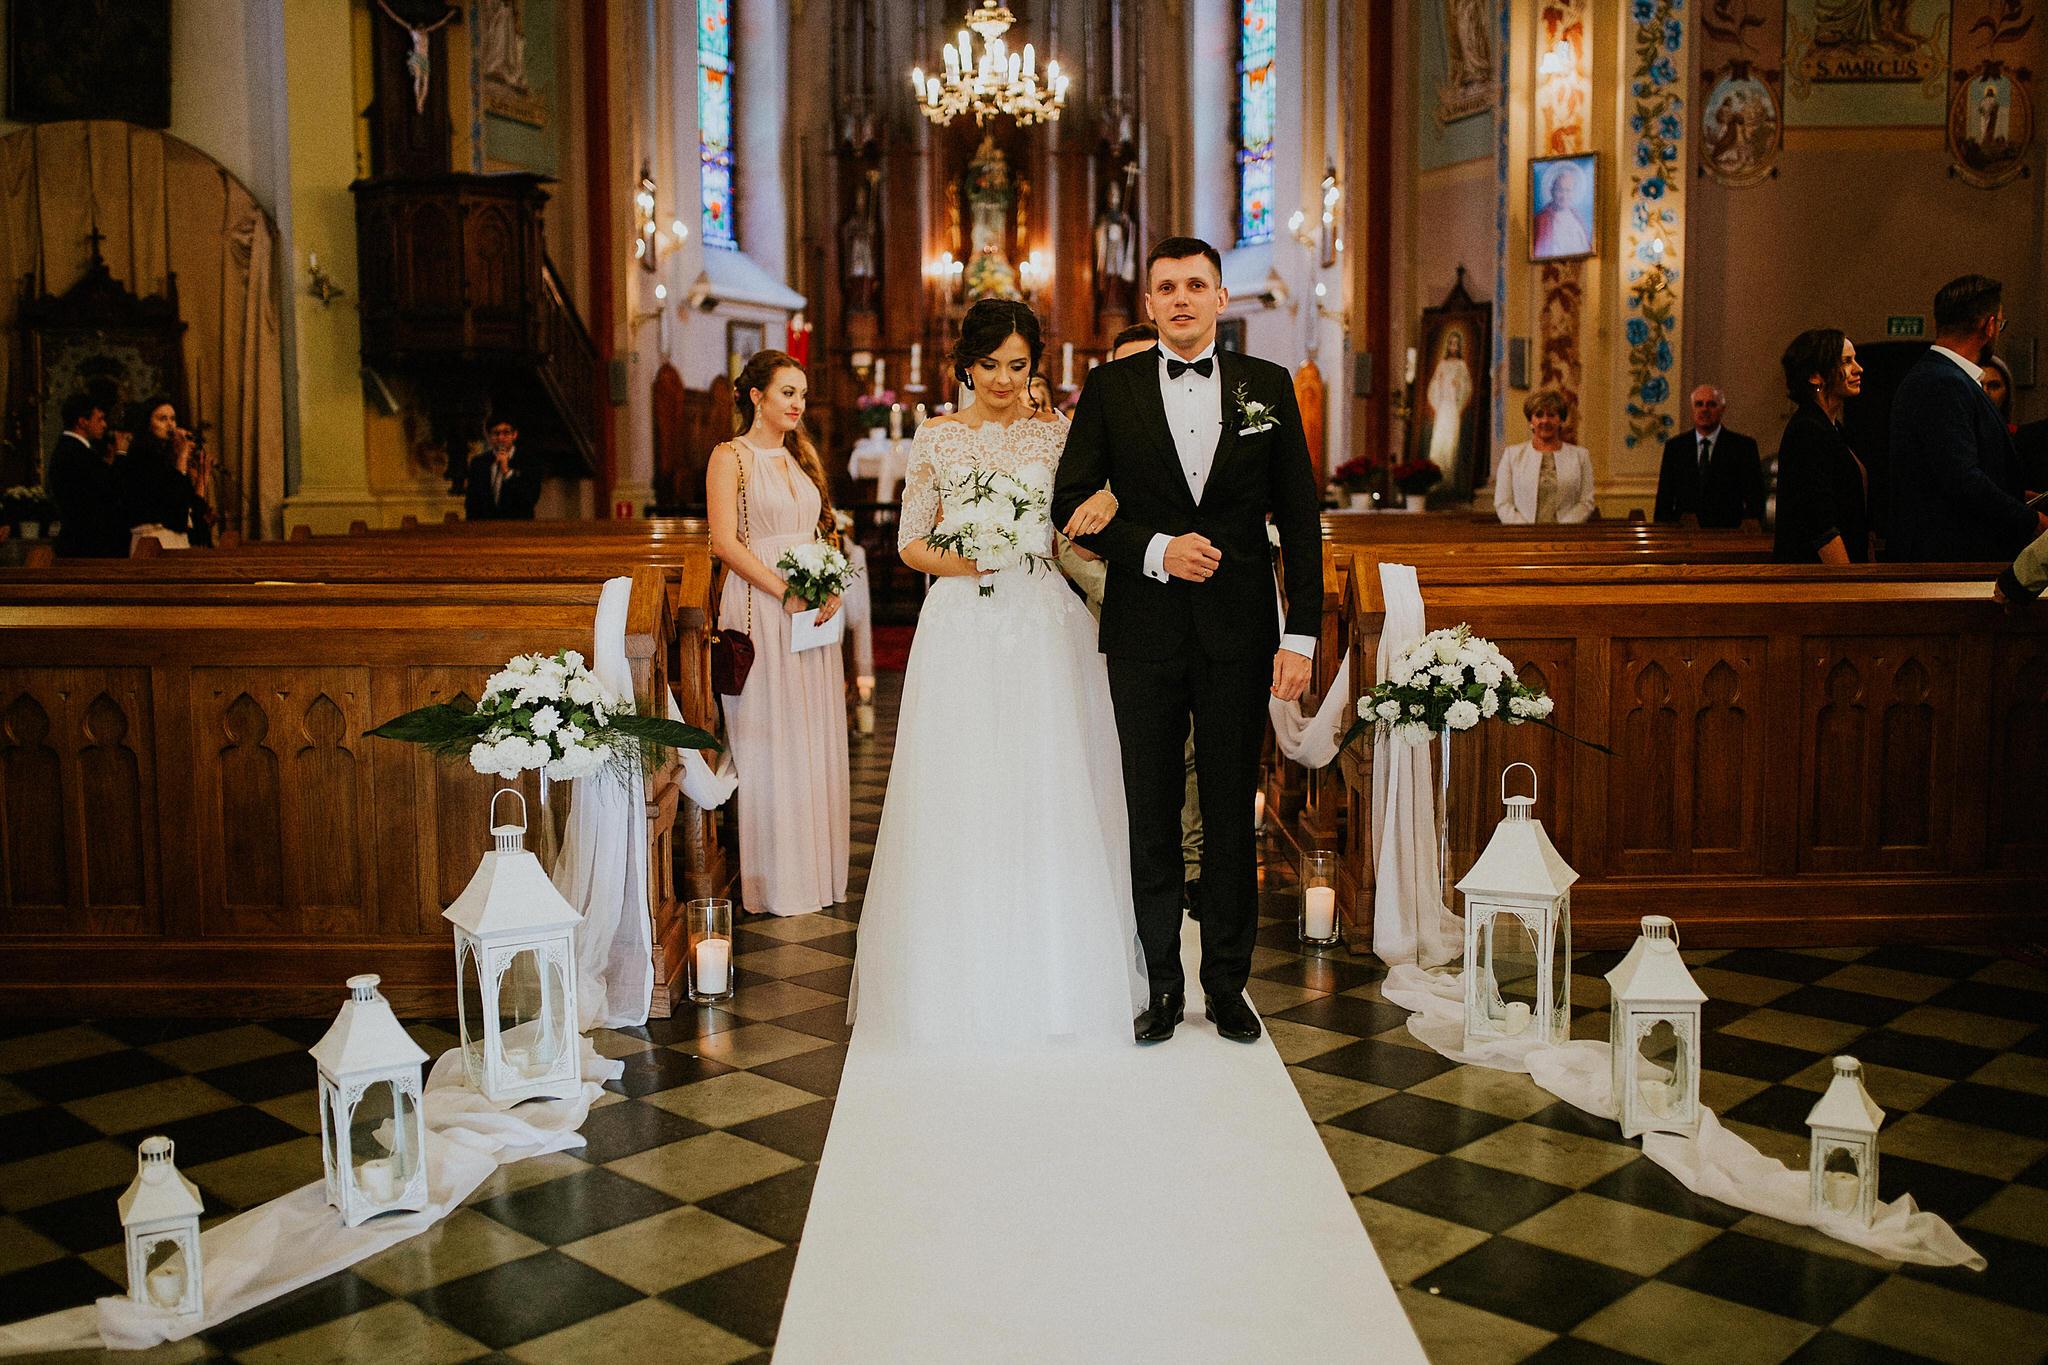 sandramarcin fotograf Karol Nycz www.karolnycz.com 300